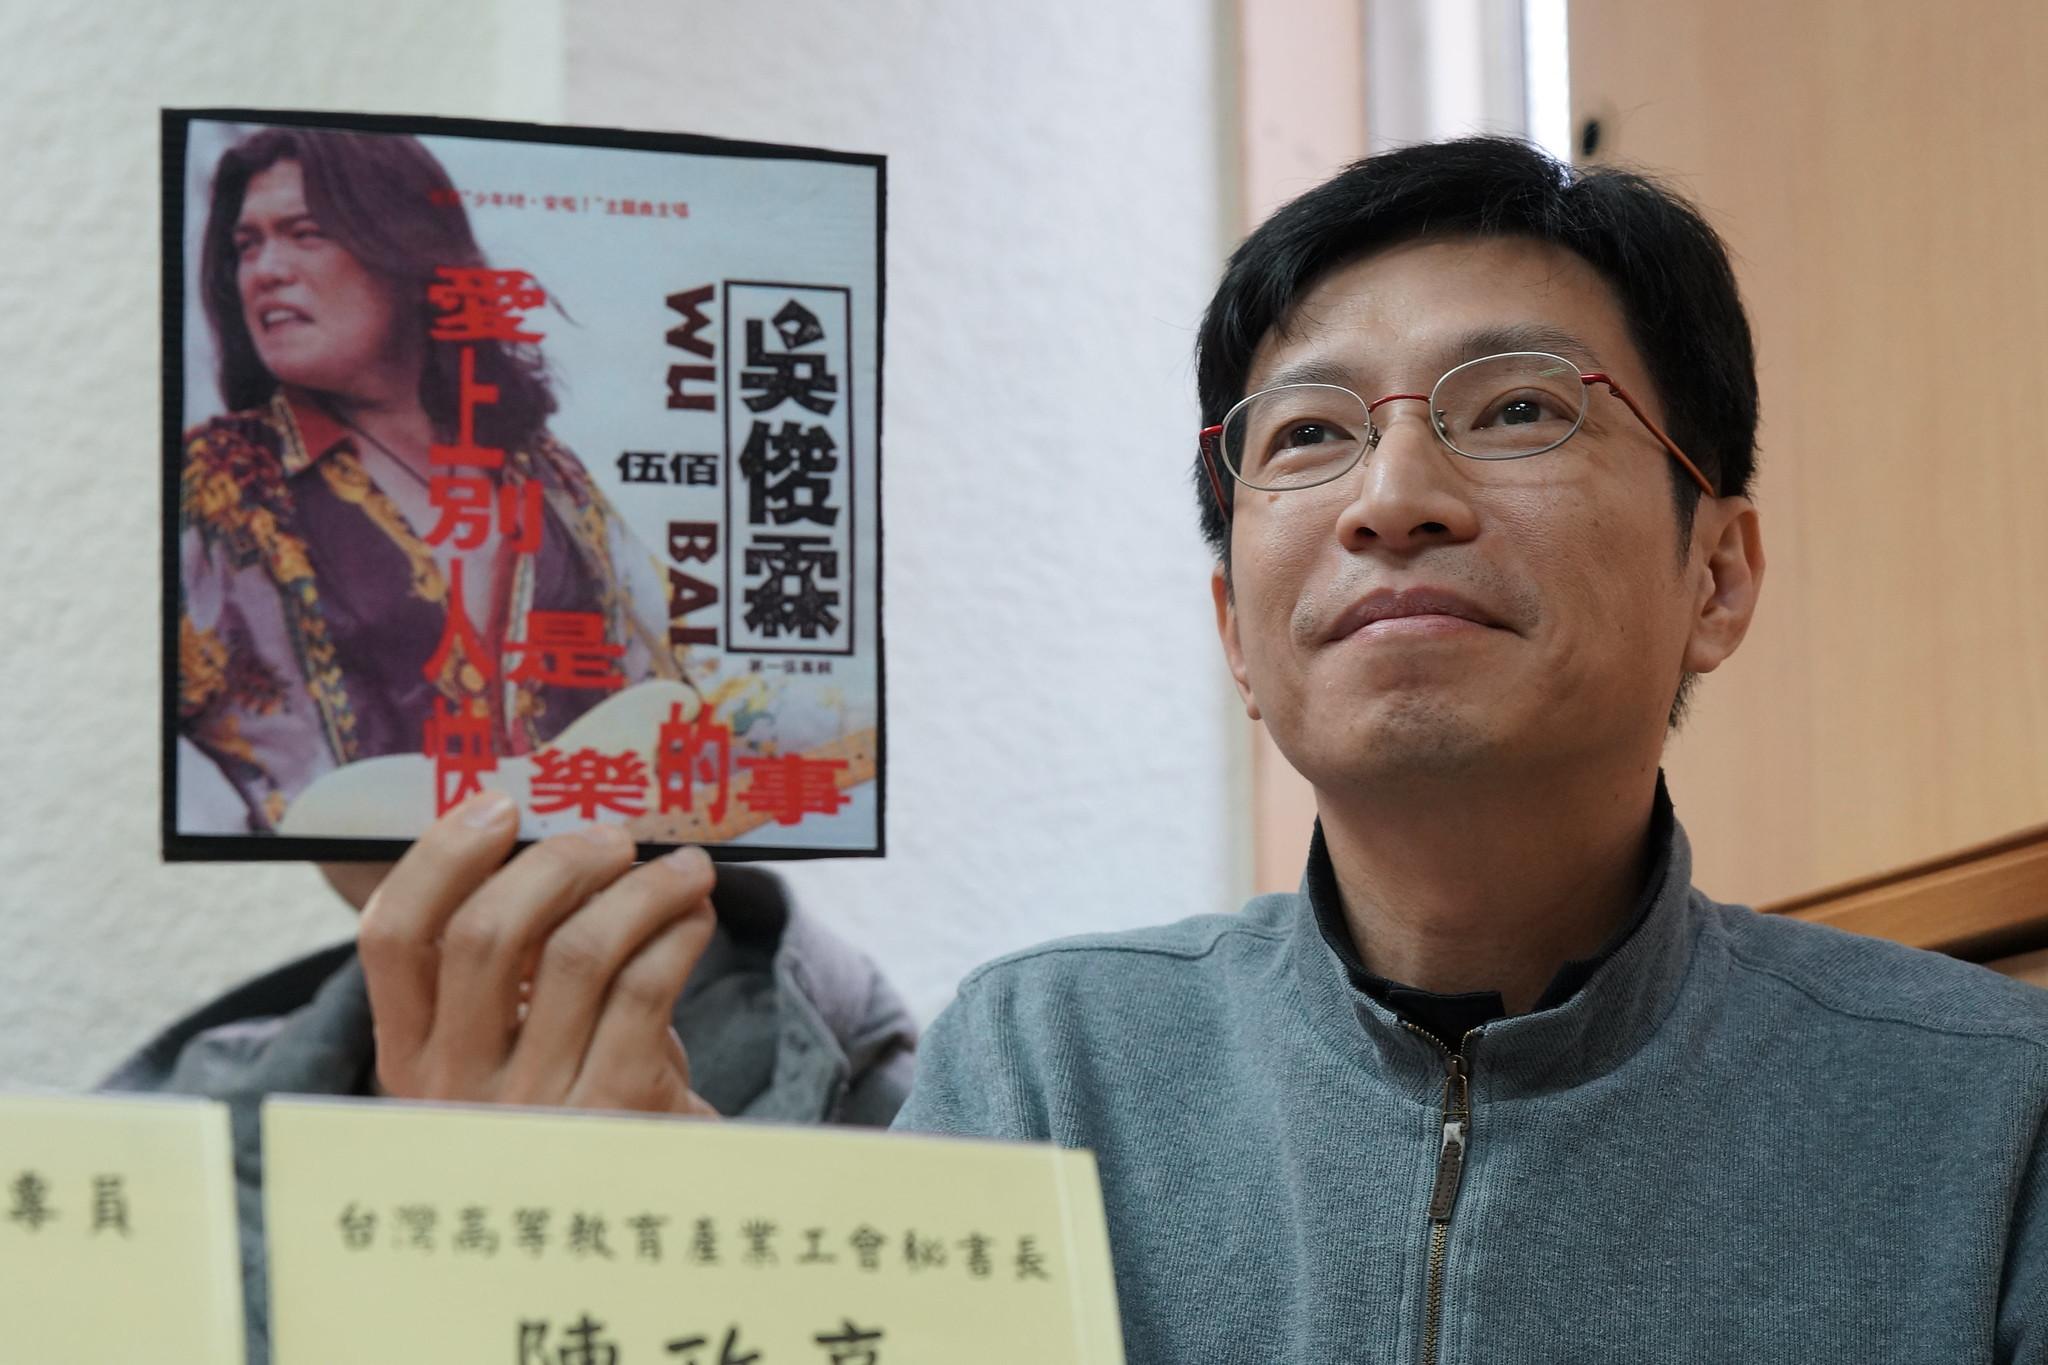 台灣高等教育產業工會秘書長陳政亮點播伍佰〈錢的力量〉,諷民進黨靠攏財團。(攝影:王顥中)